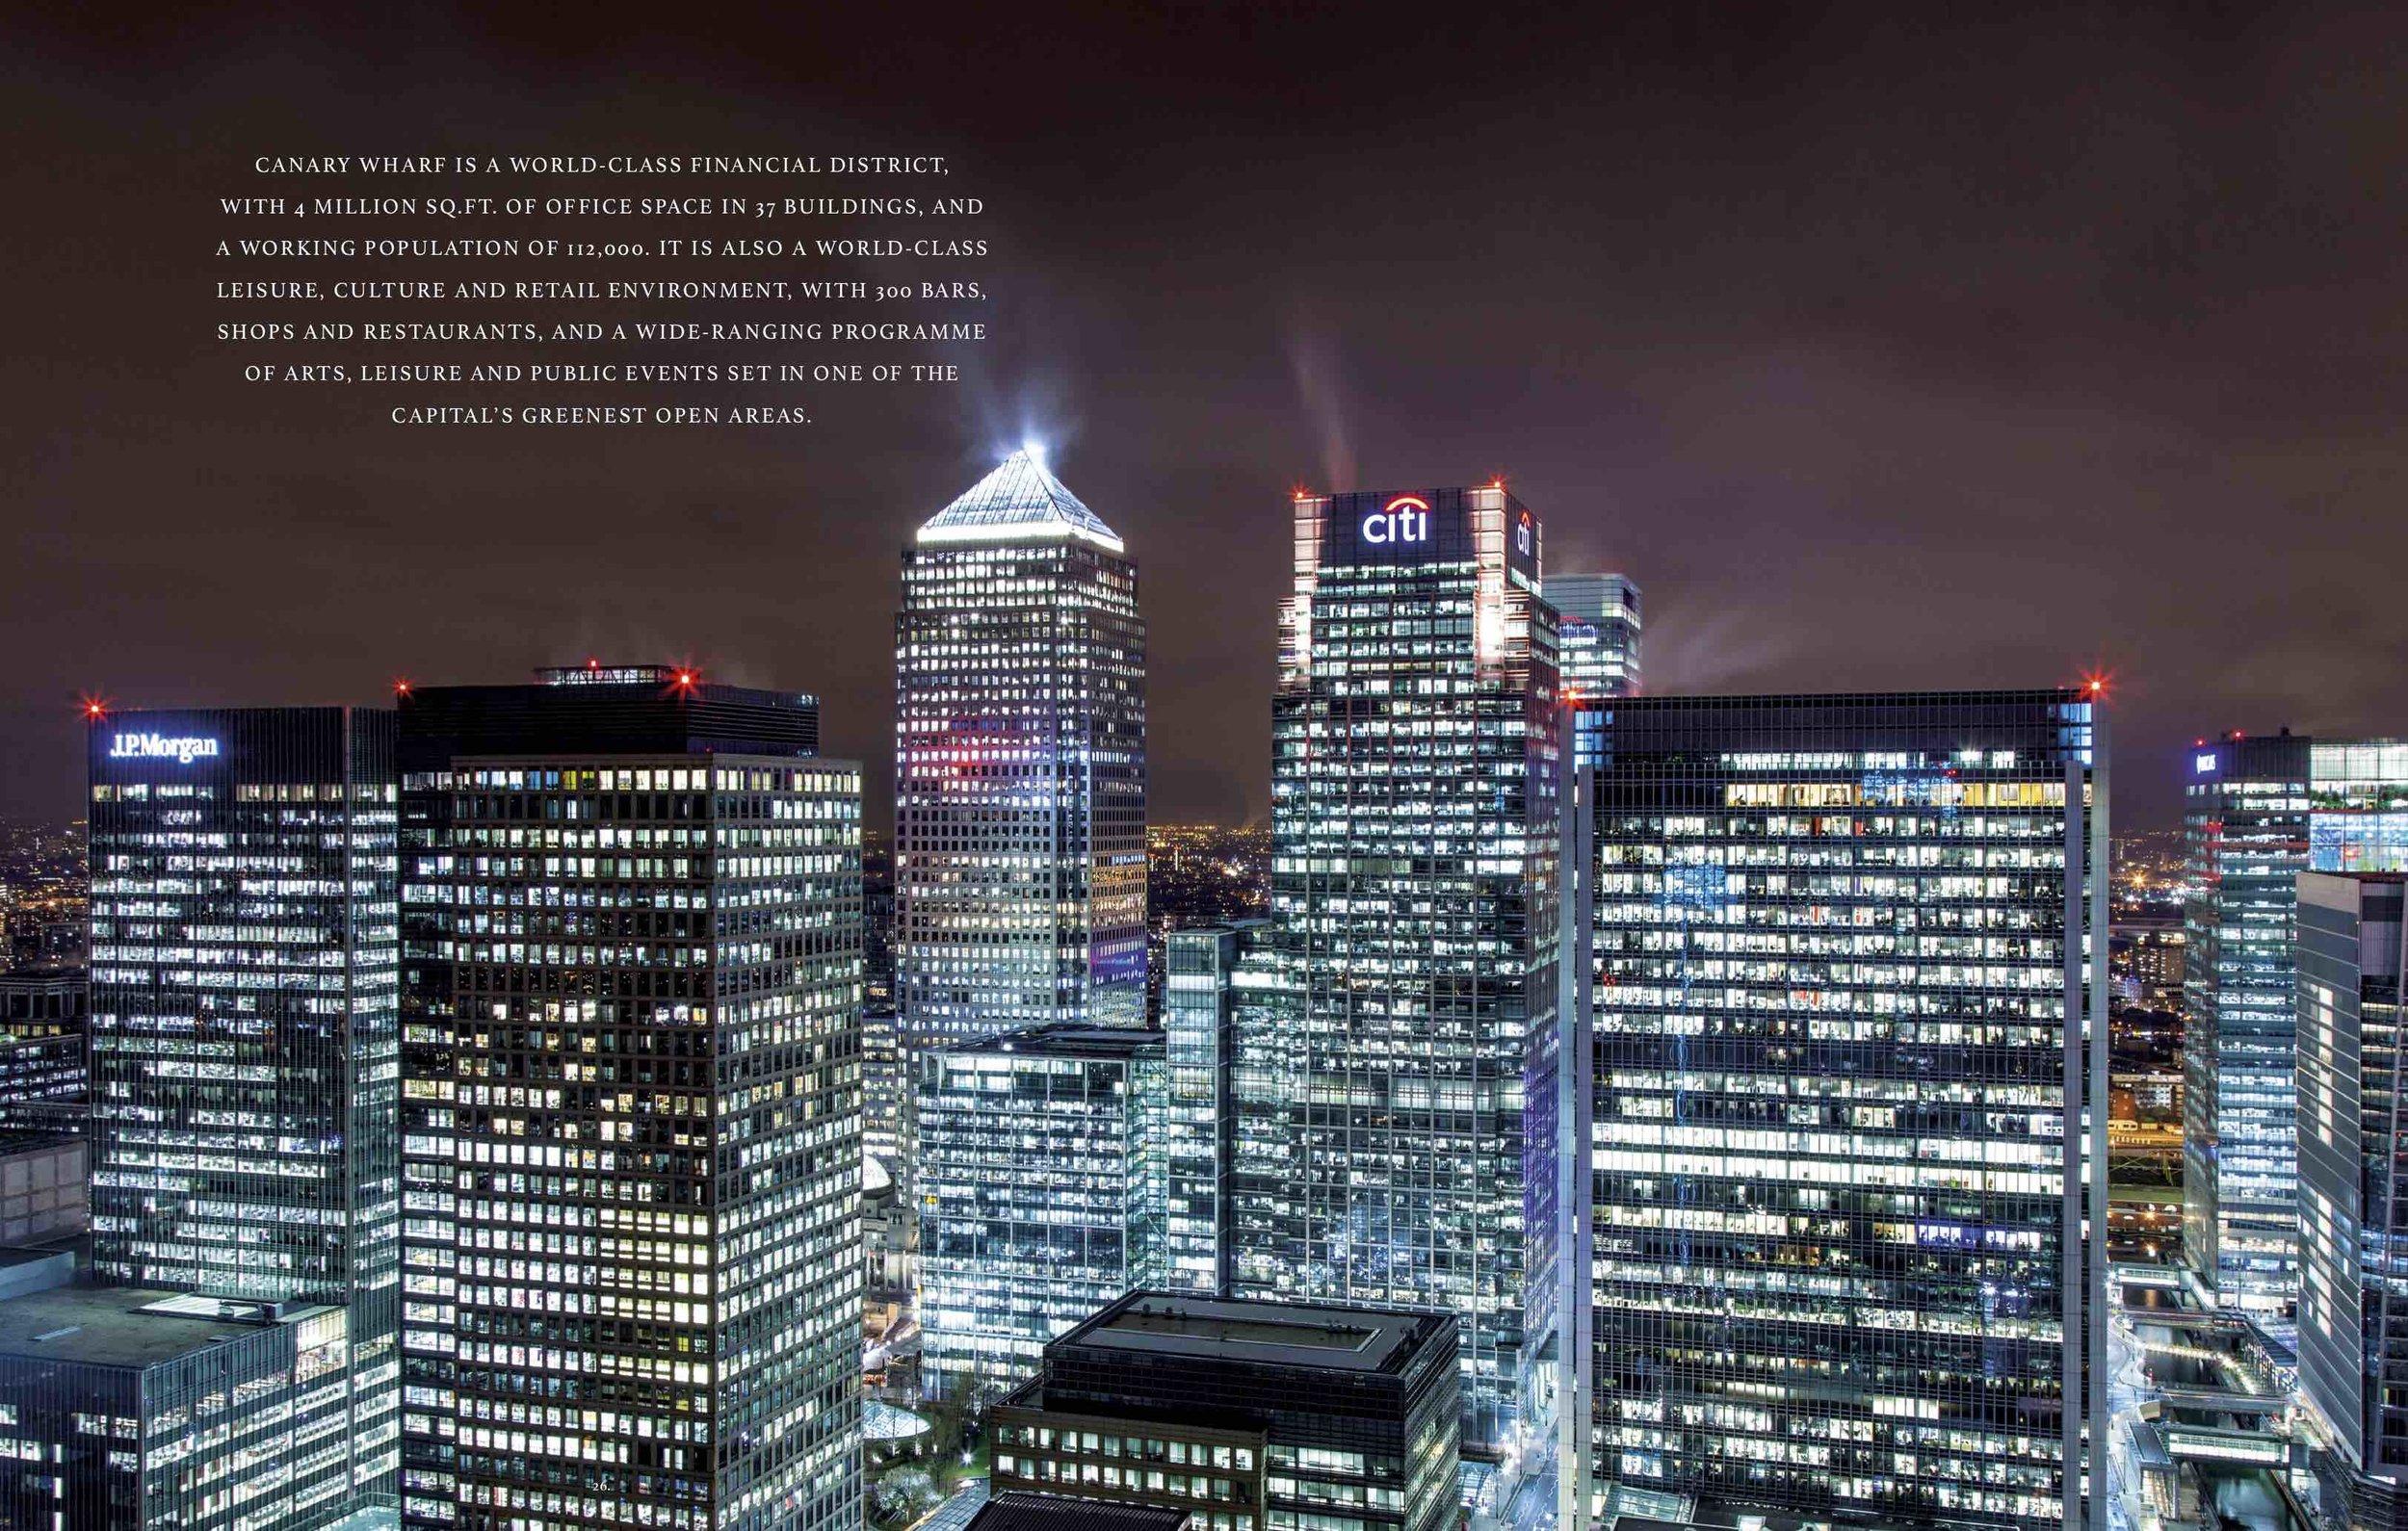 1605630 London Spire_v22_Visual HR copy 19.jpg